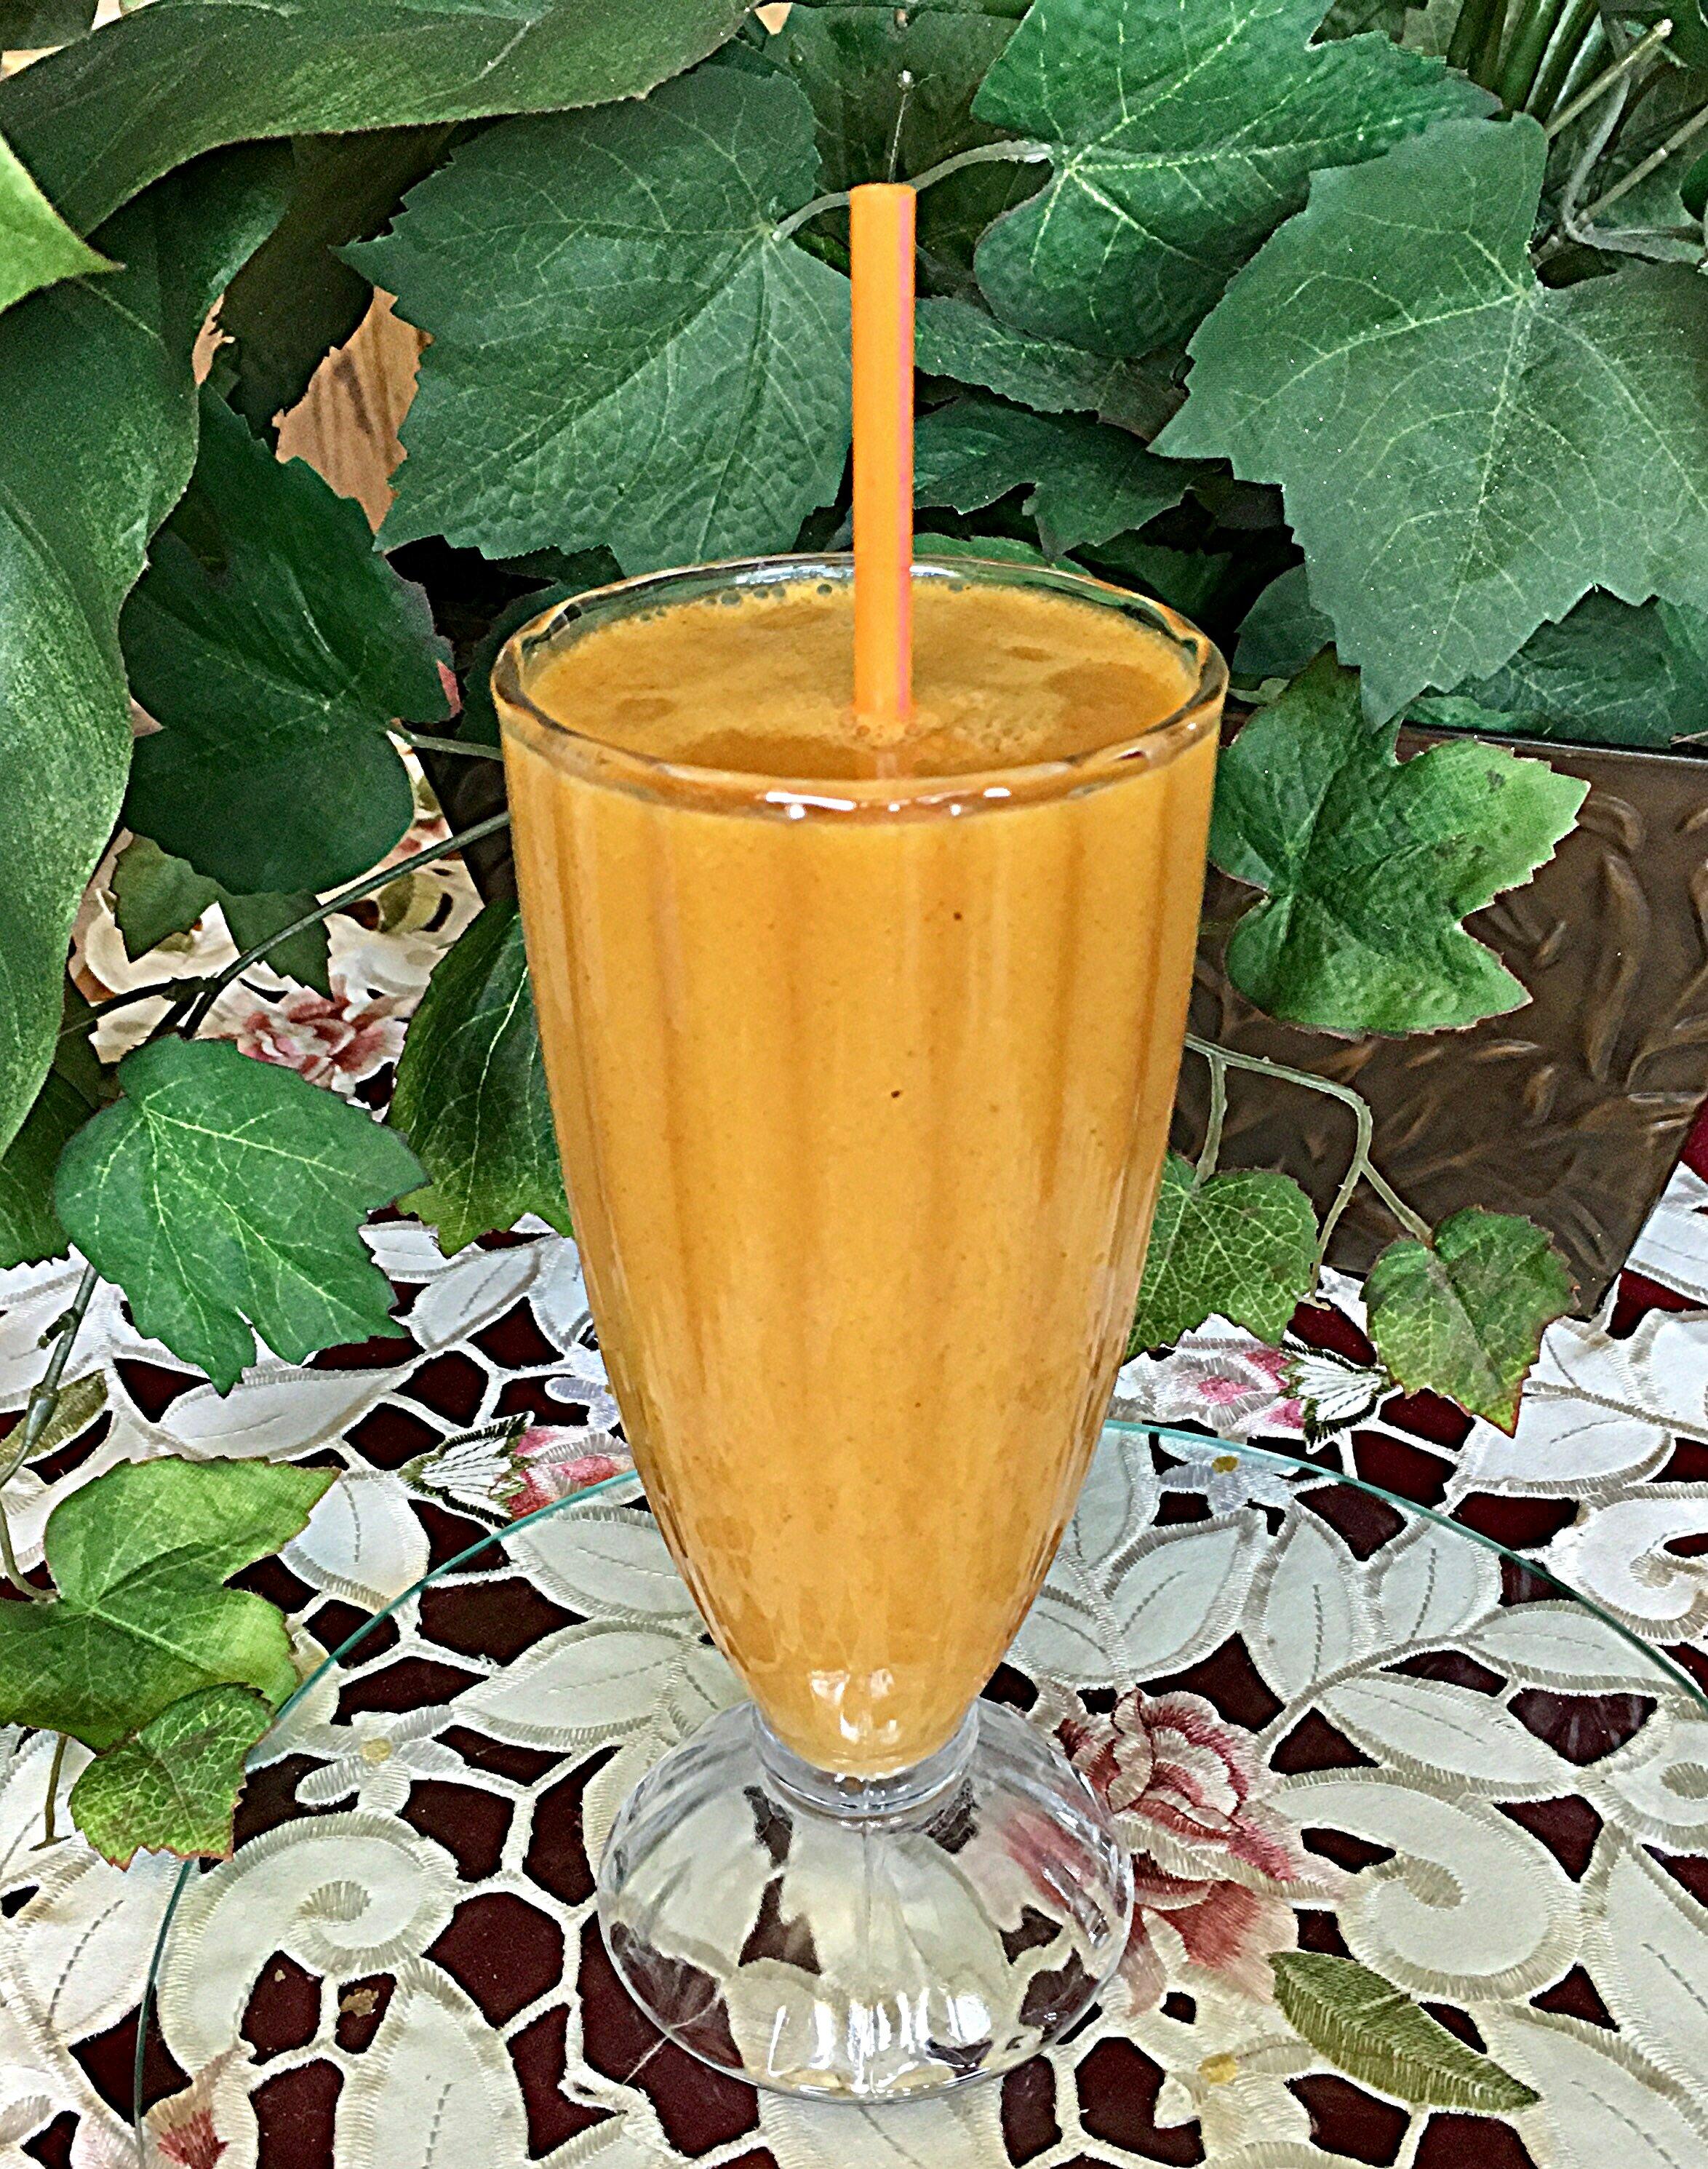 Wizard's Pumpkin Juice